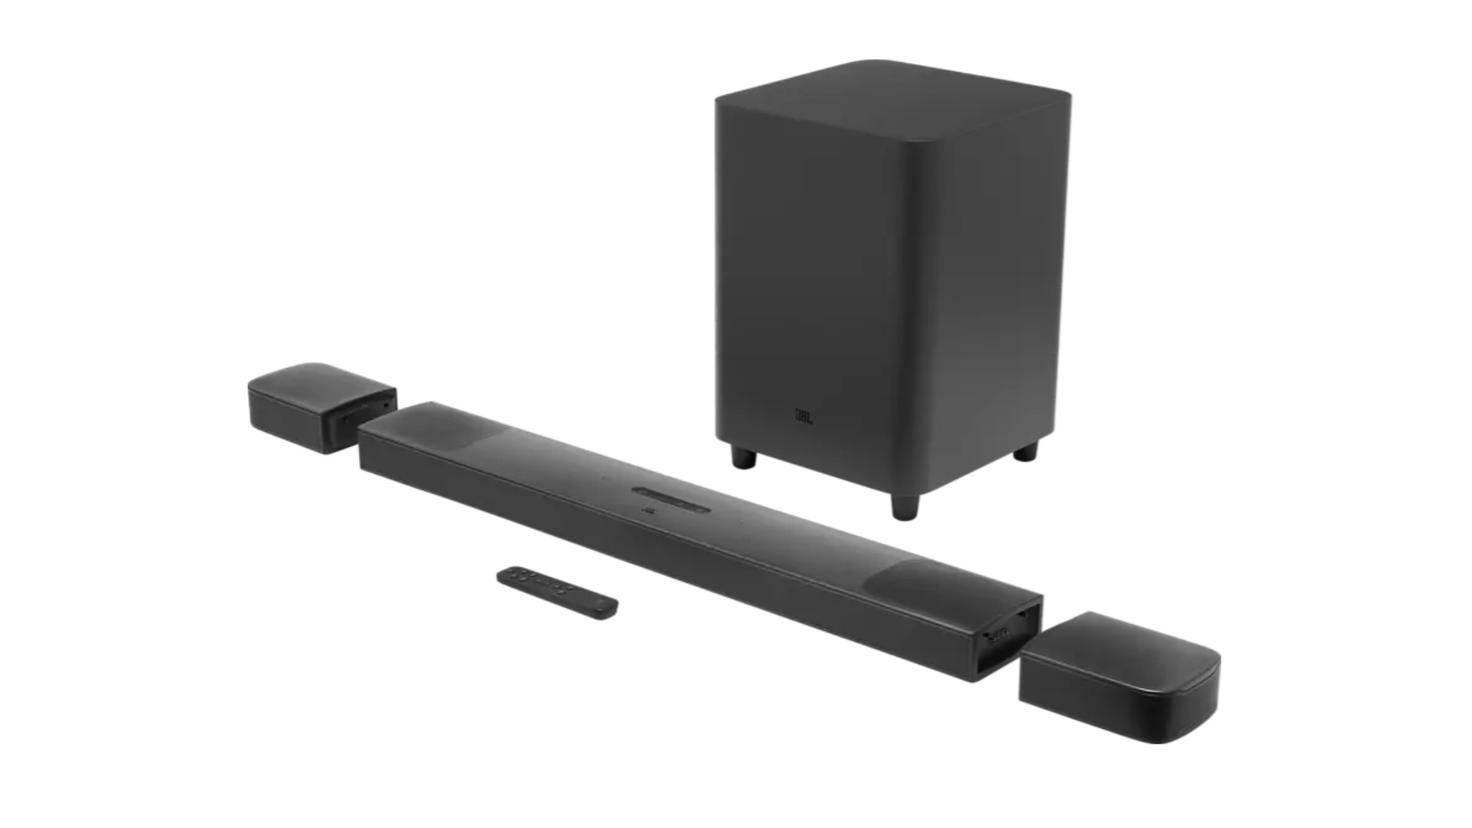 jbl-bar-91-soundbar